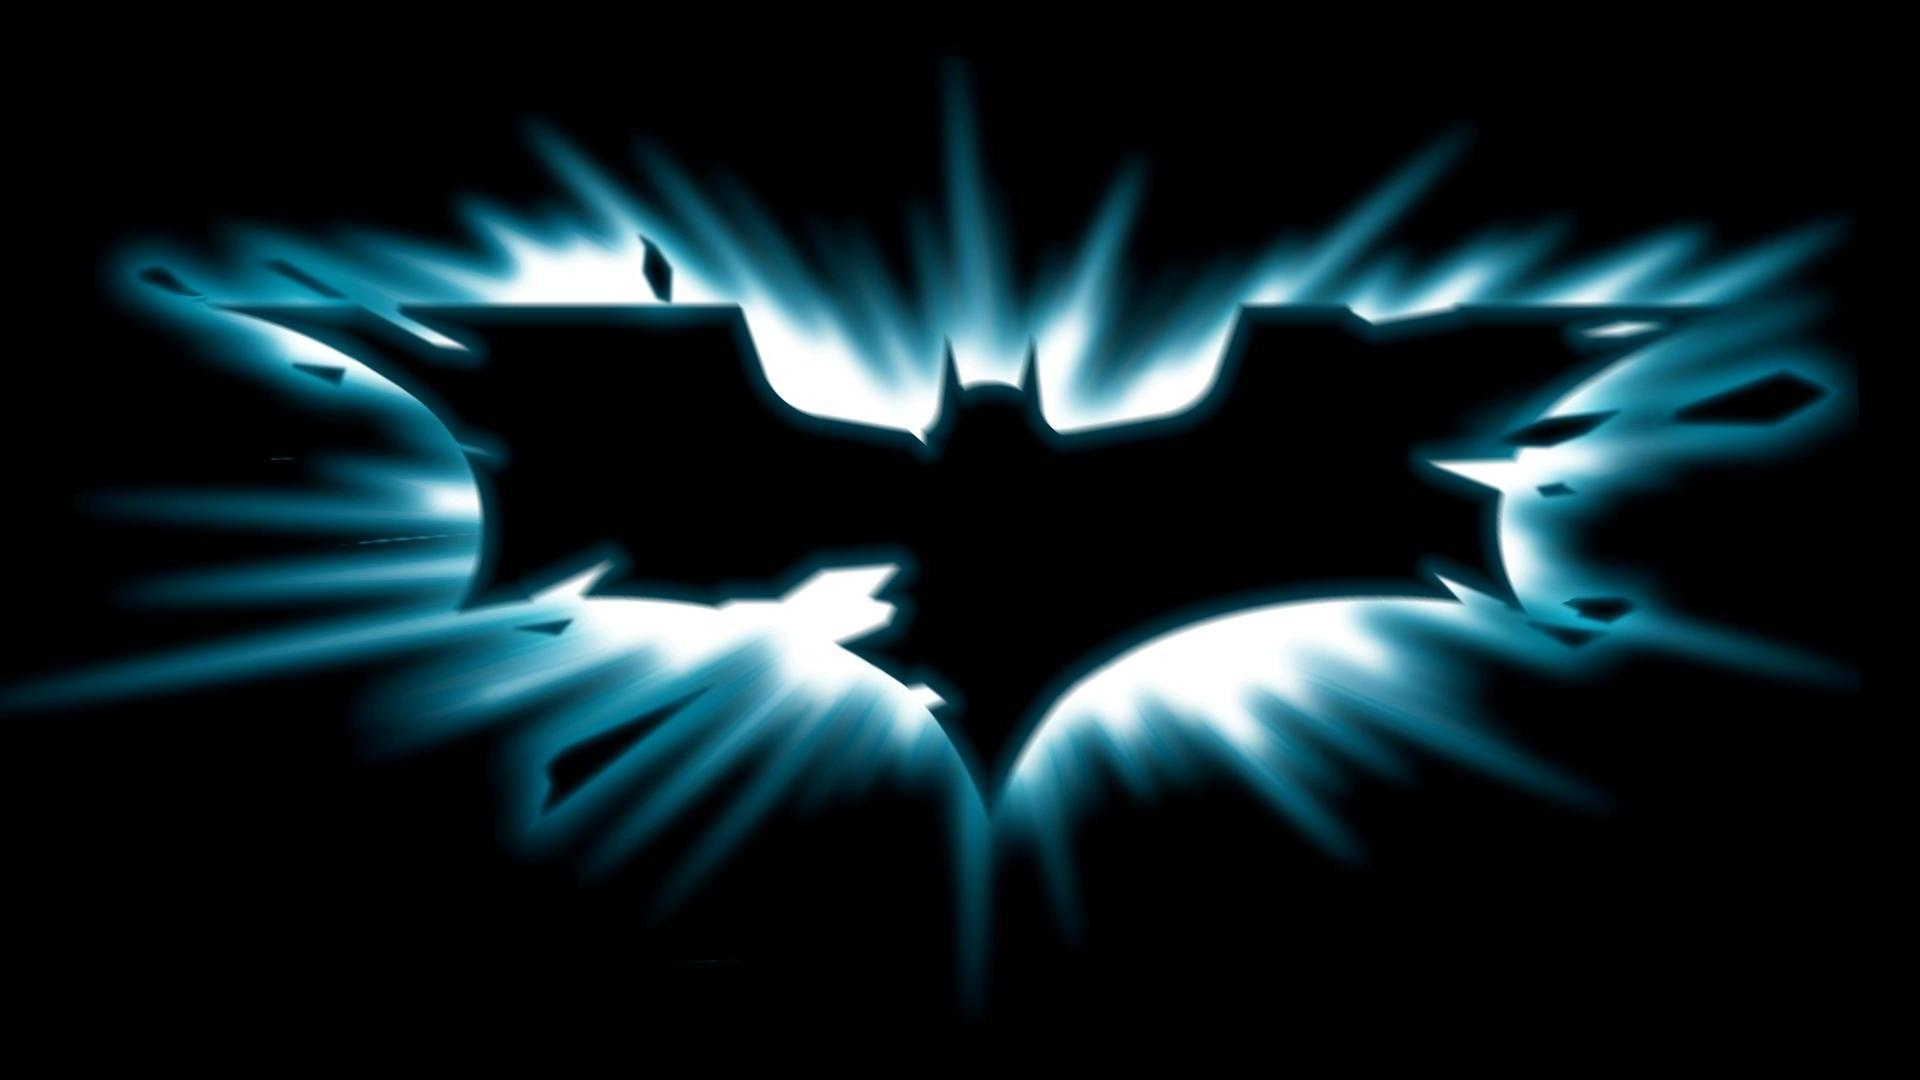 Batman Hd Wallpaper 1204 Cell Phone